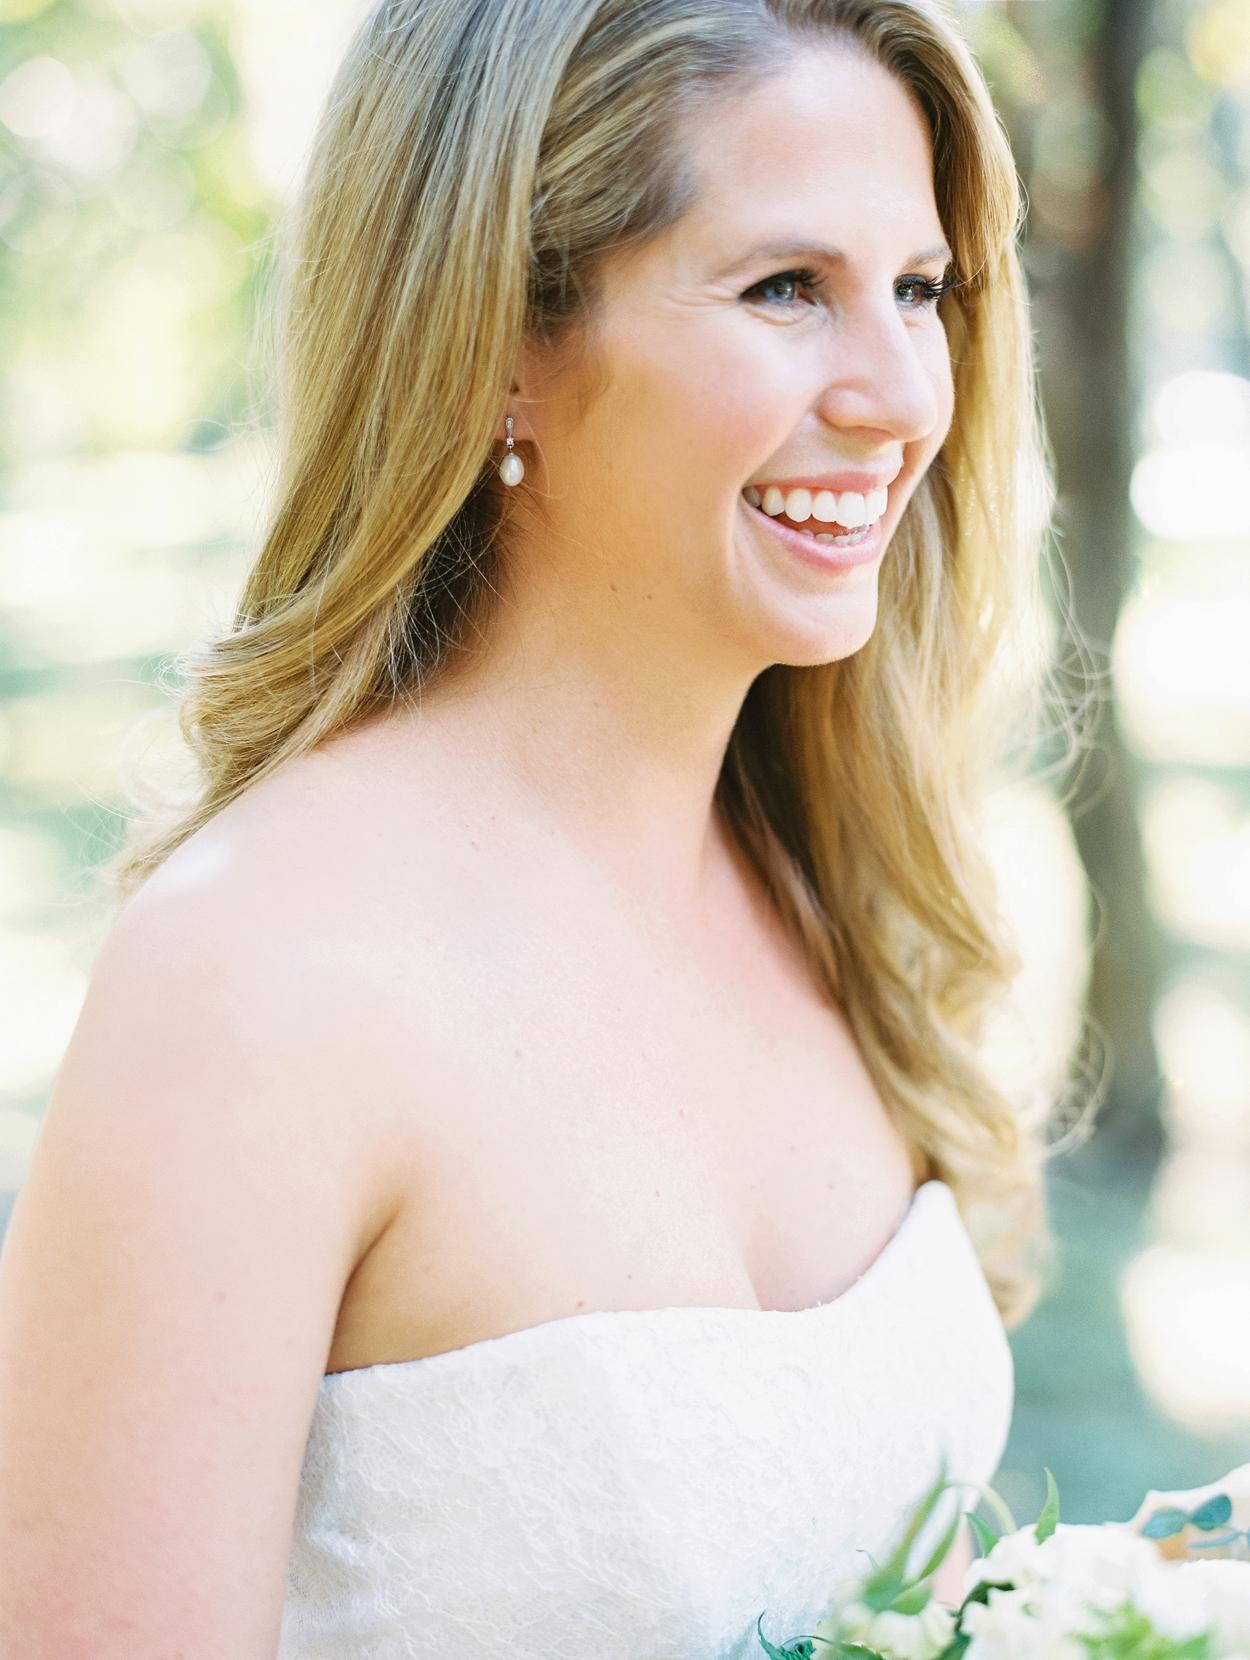 Samantha Landis Hair and Makeup